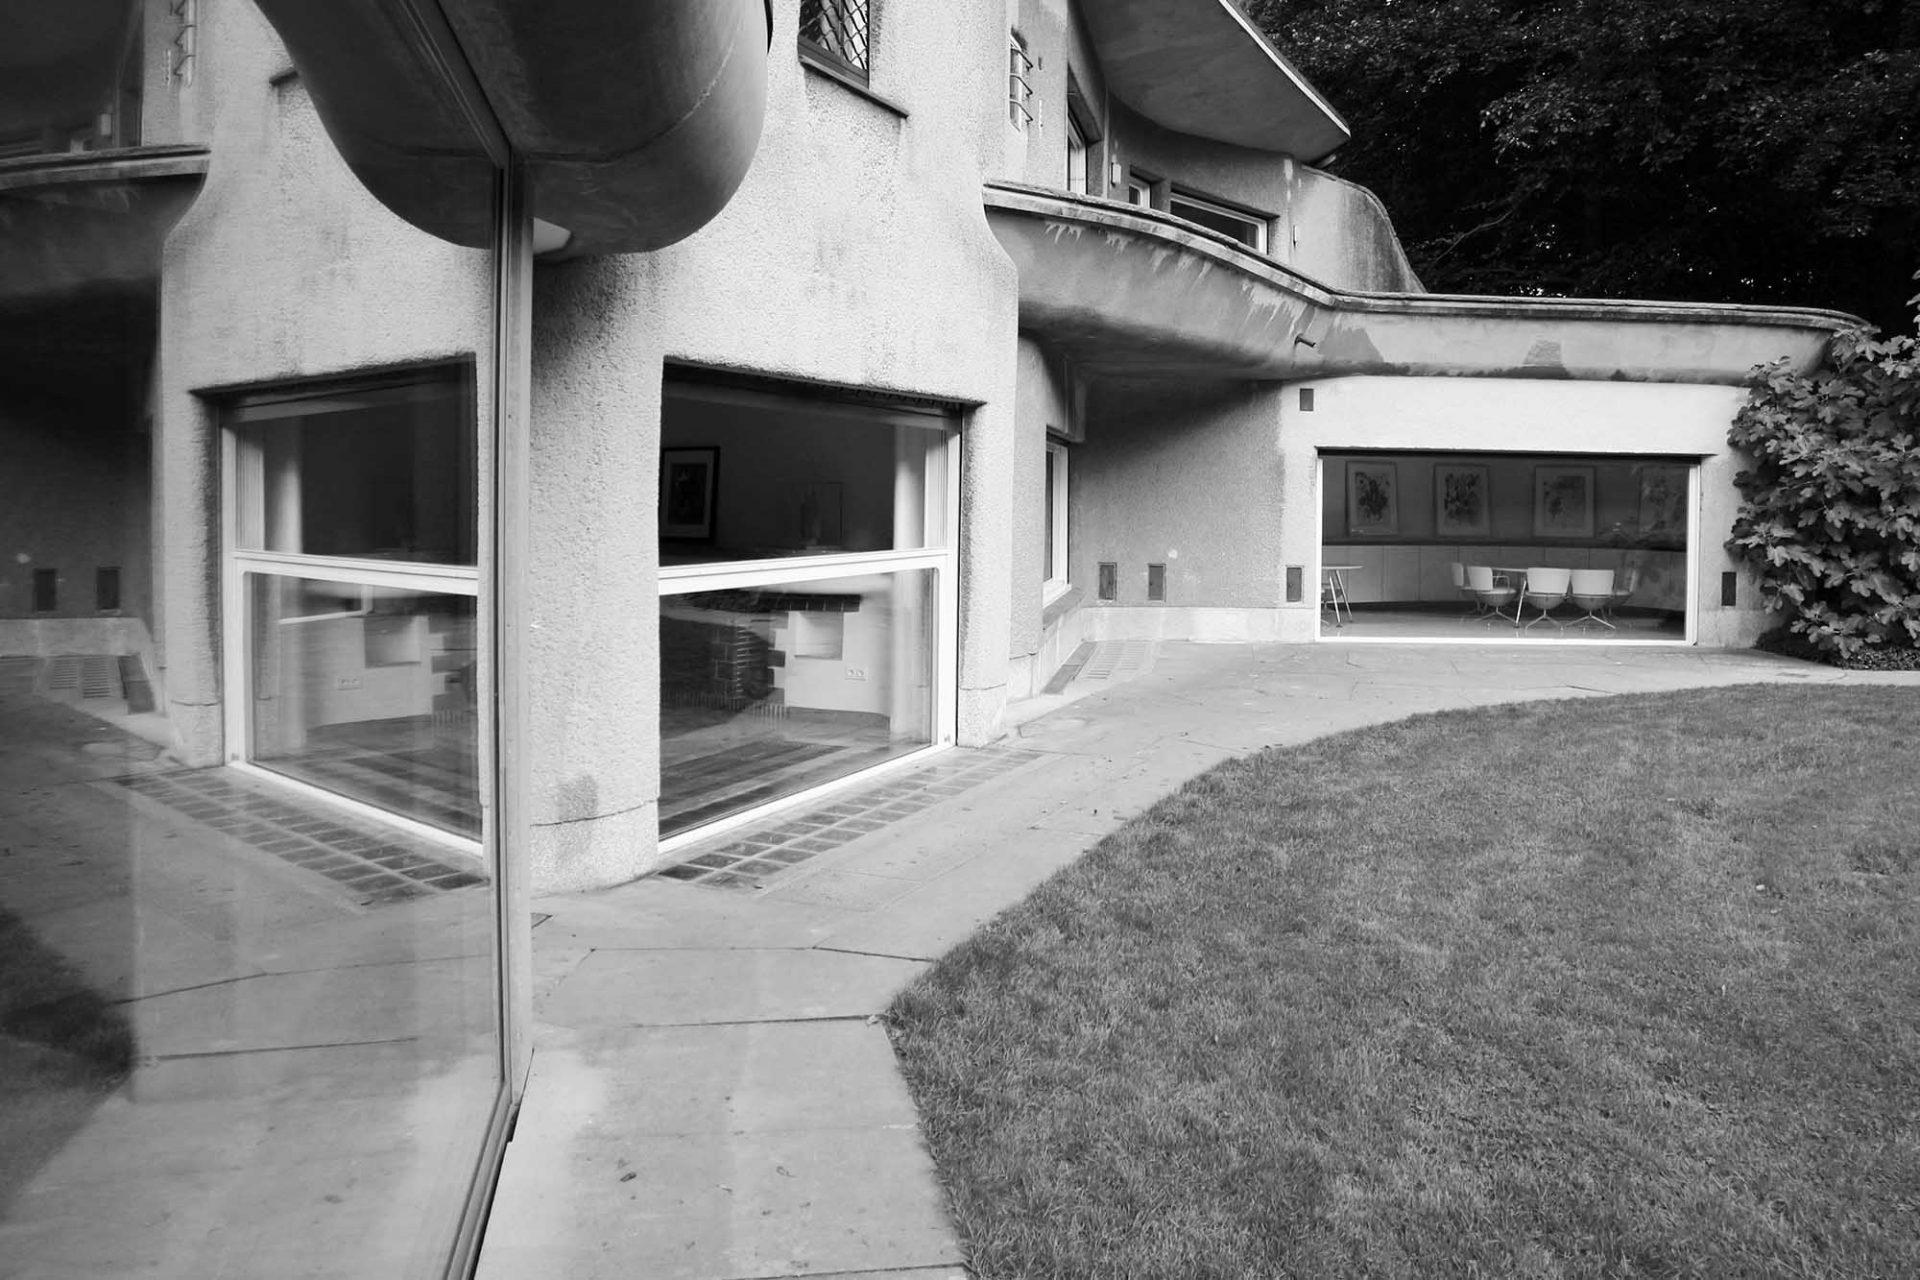 Skultpturenpark Waldfrieden. Villa Waldfrieden, Architekt Franz Krause, Fertigstellung: 1950